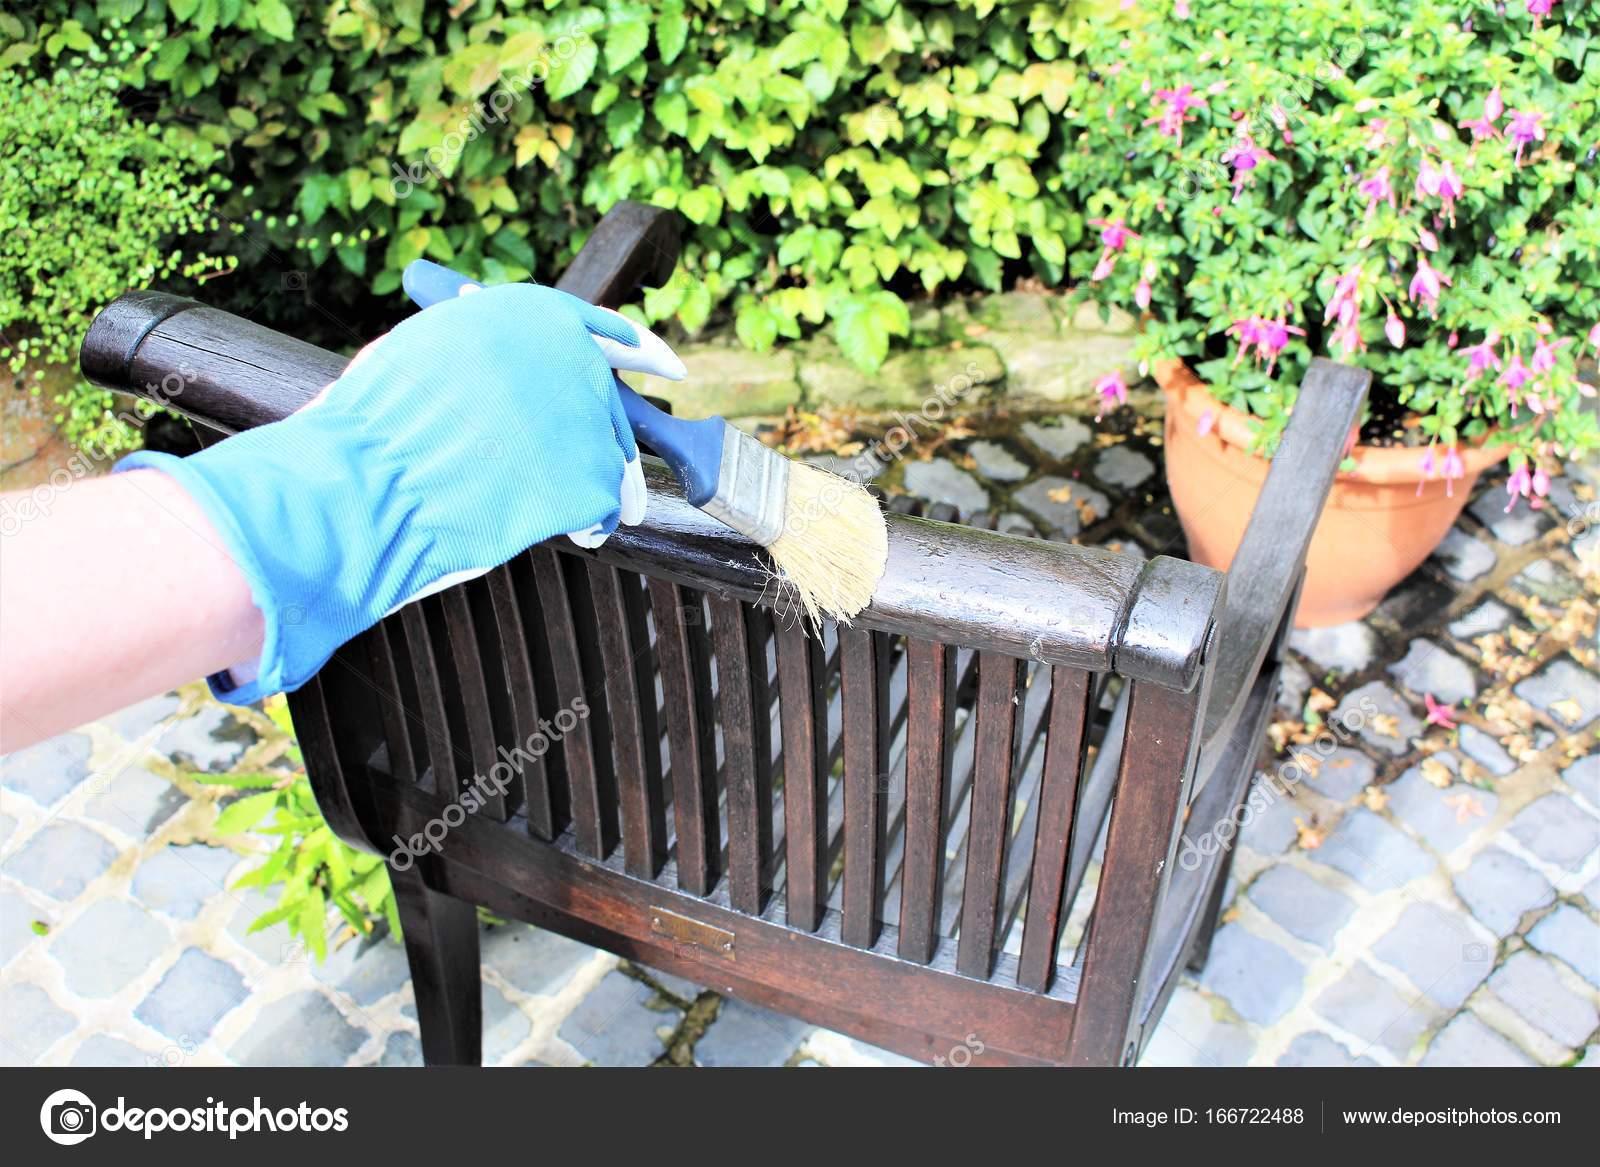 Una imagen de una muebles de jardín - pintura — Fotos de Stock ...